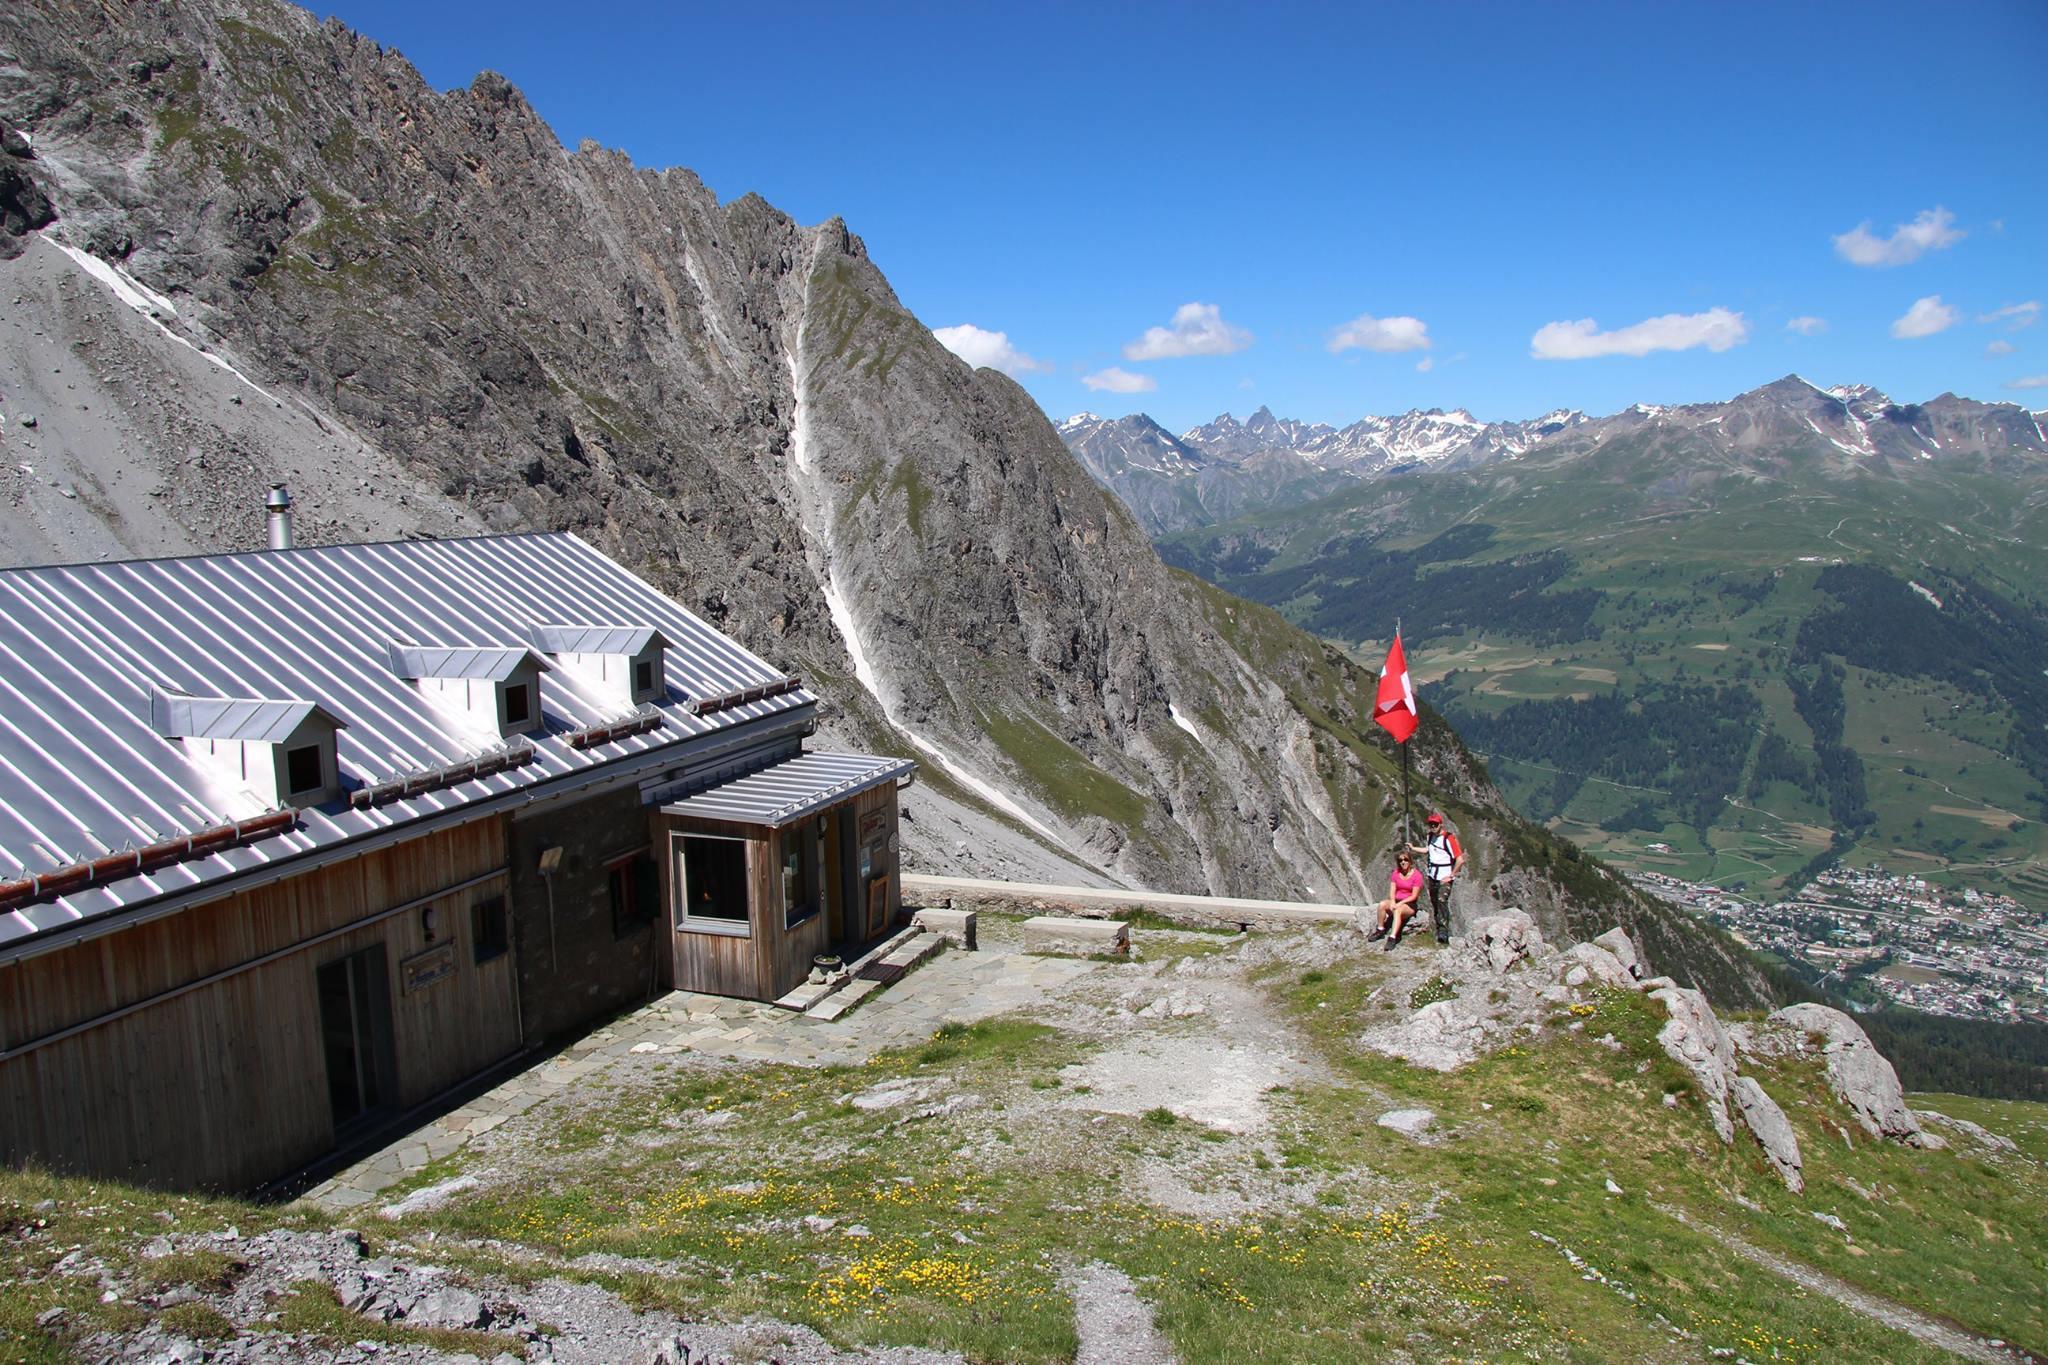 Fantastický_výhľad_z horskej_chaty_Lischana_na_okolité_hory_a Scuol_autor_foto:_Radka_Kollárová